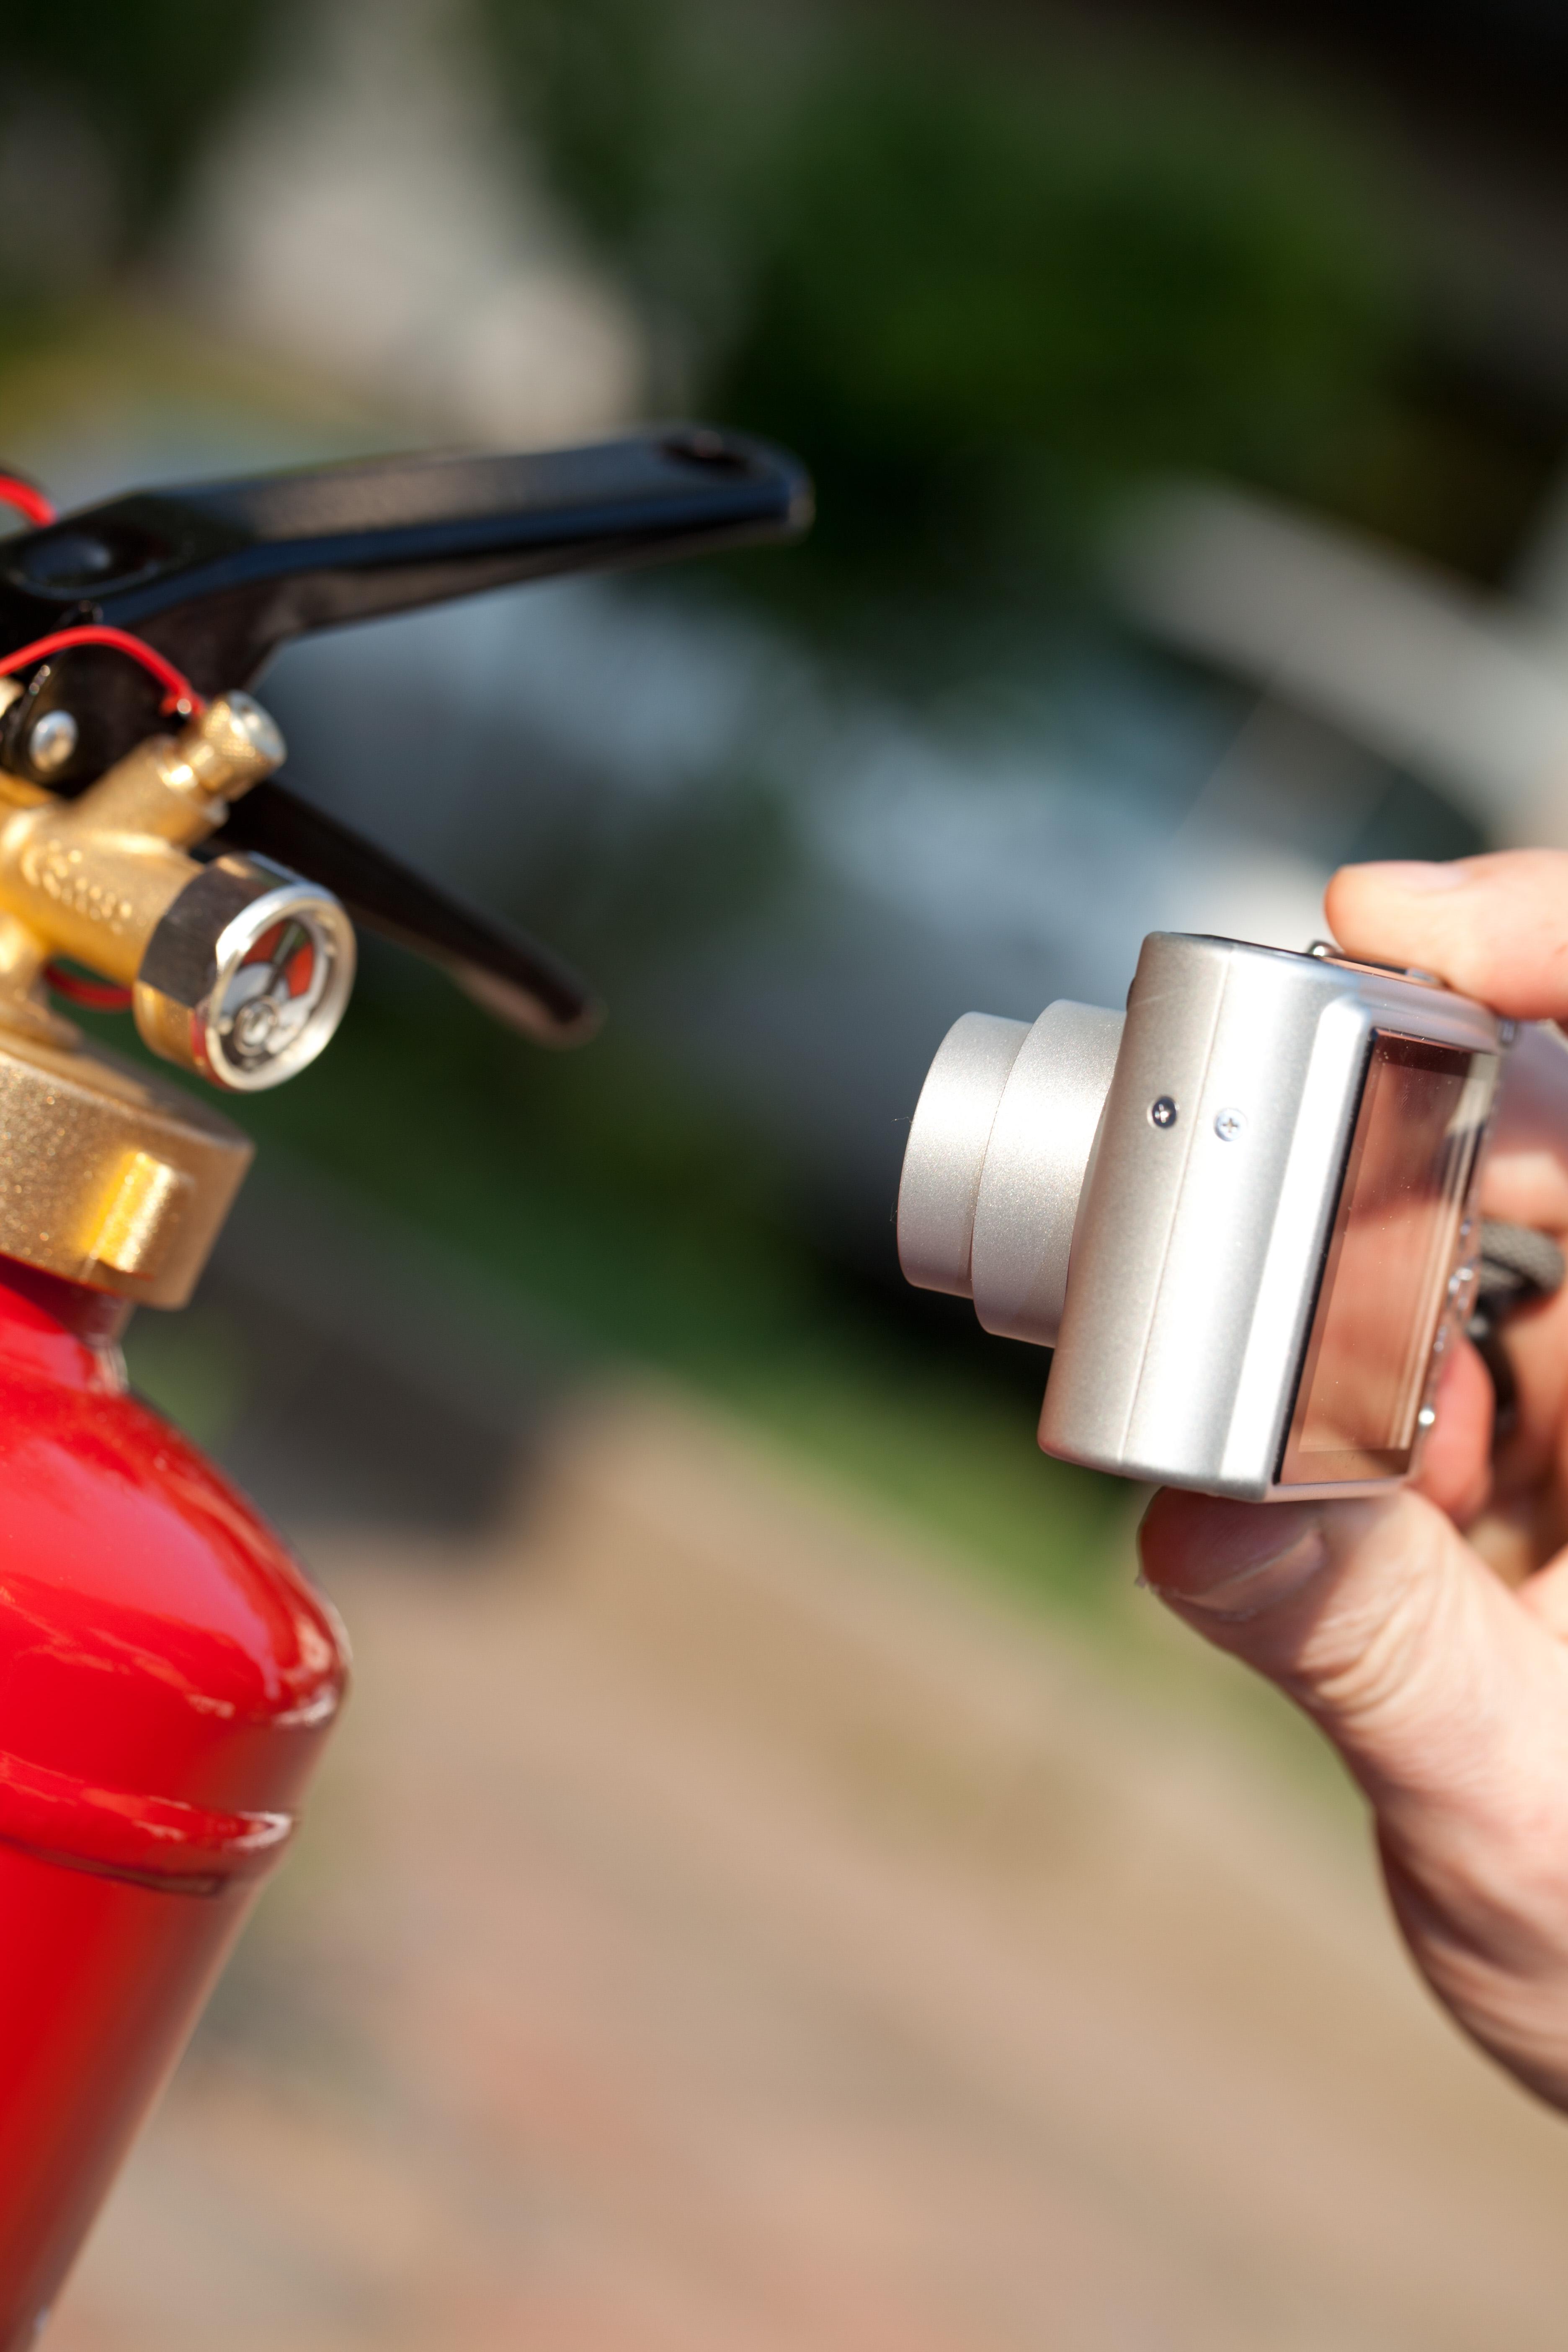 Fotodokumentation im brandschutz frueher mit einer Digitalkamera heute direkt mit dem Tablet PC und KEVOX